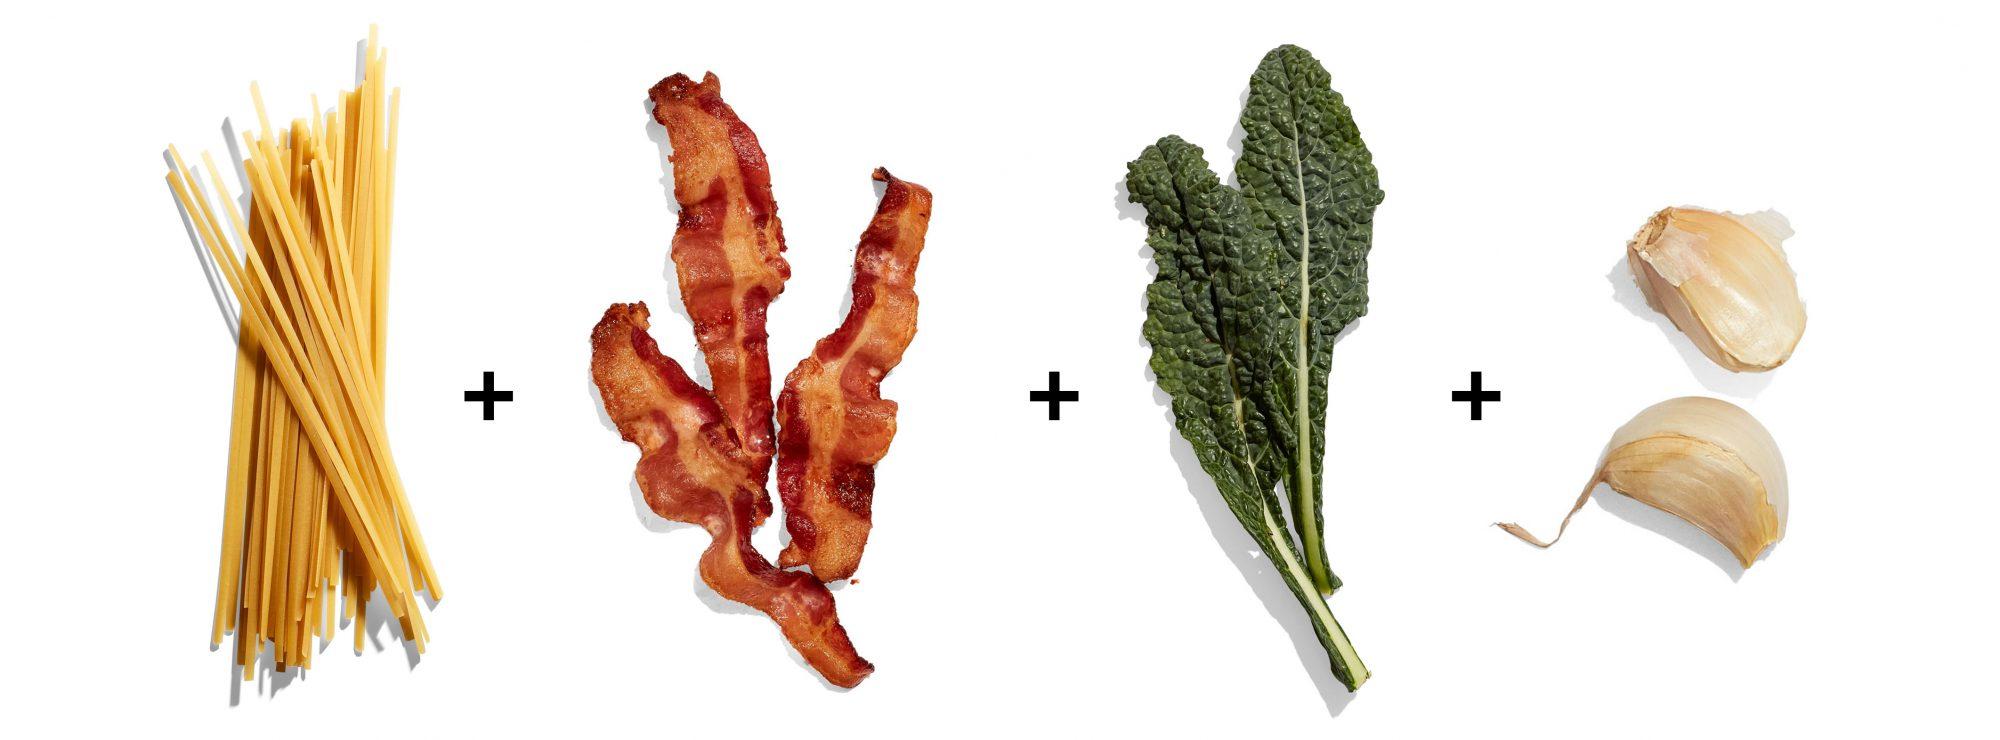 bacon greens pasta ingredient formula